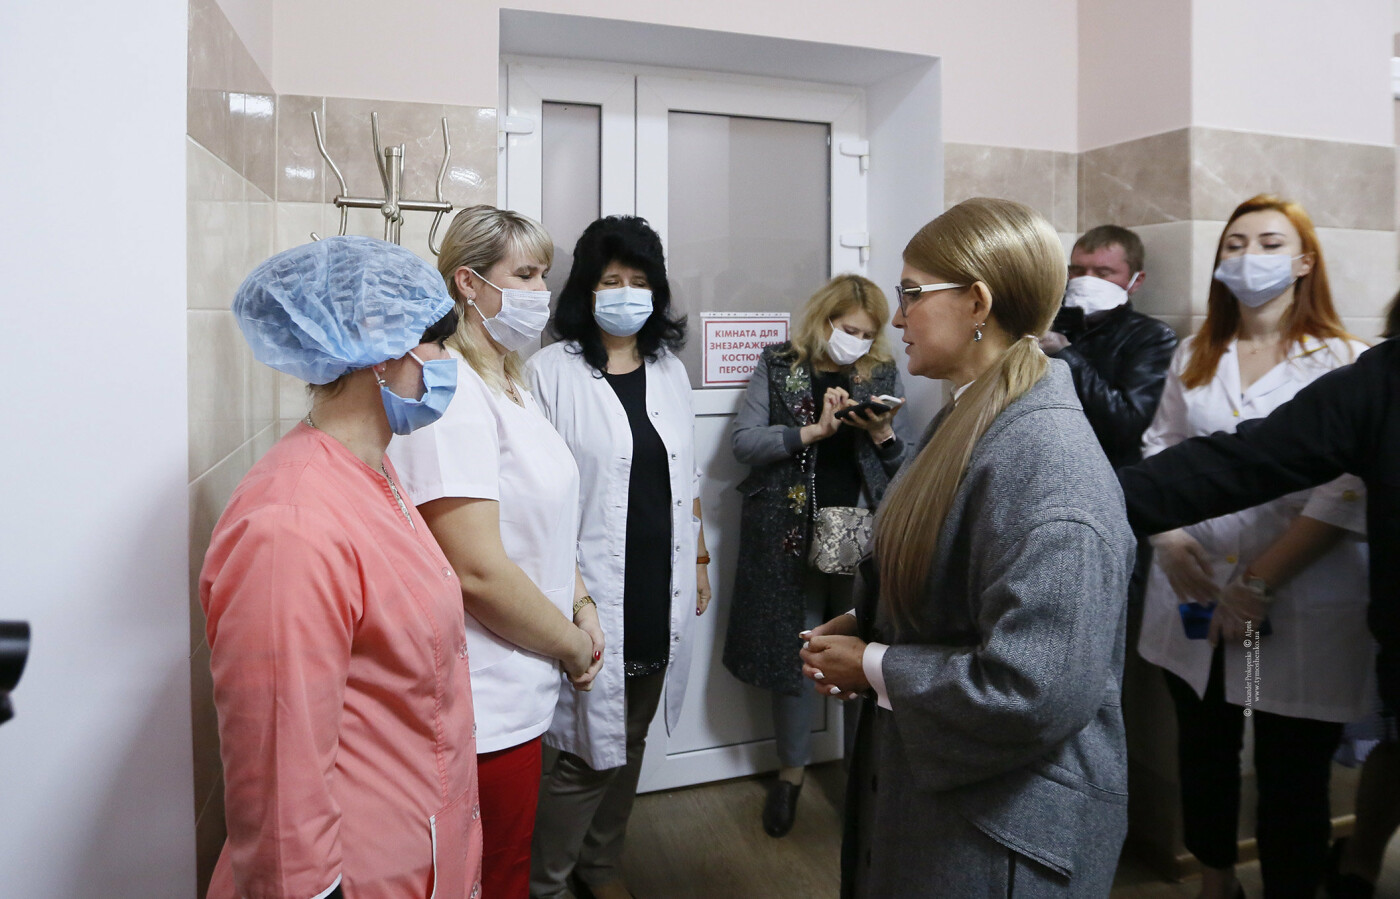 Юлія Тимошенко: «Українські науковці готові розробляти вакцину від коронавірусу, але не мають належного фінансування», фото-1